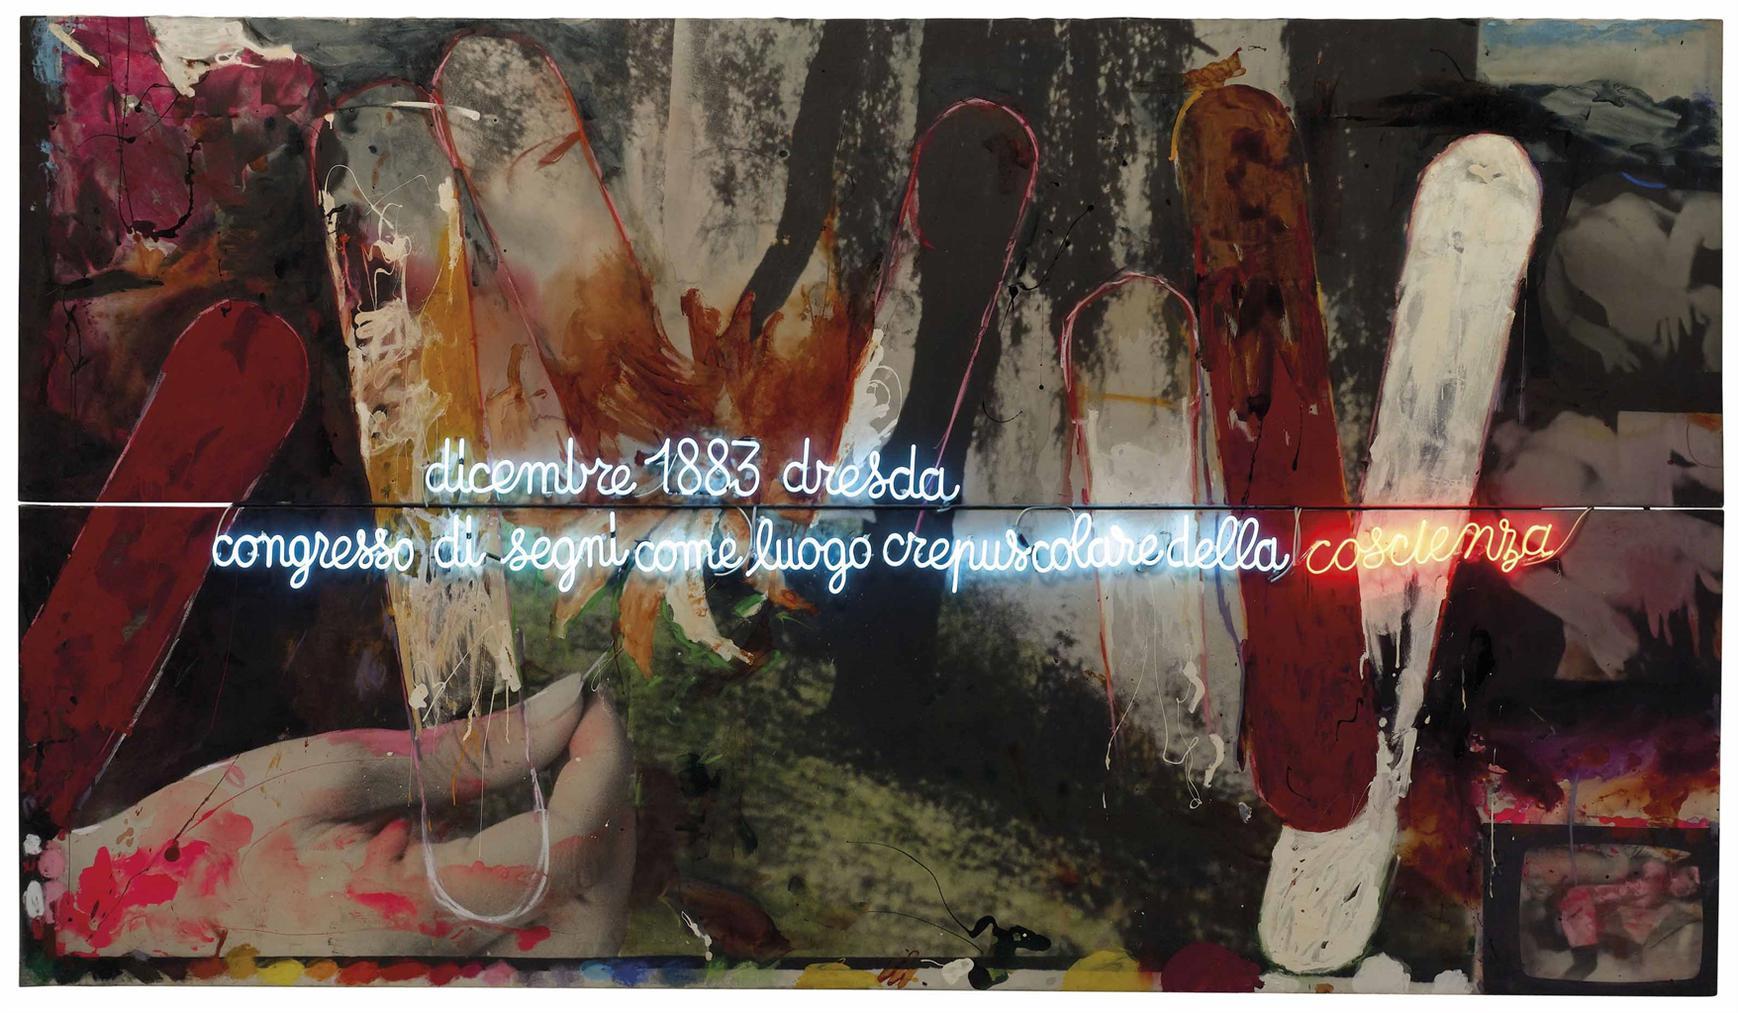 Mario Schifano-Da Freud Al Mandrax: Ultimo Congresso 1972-1972